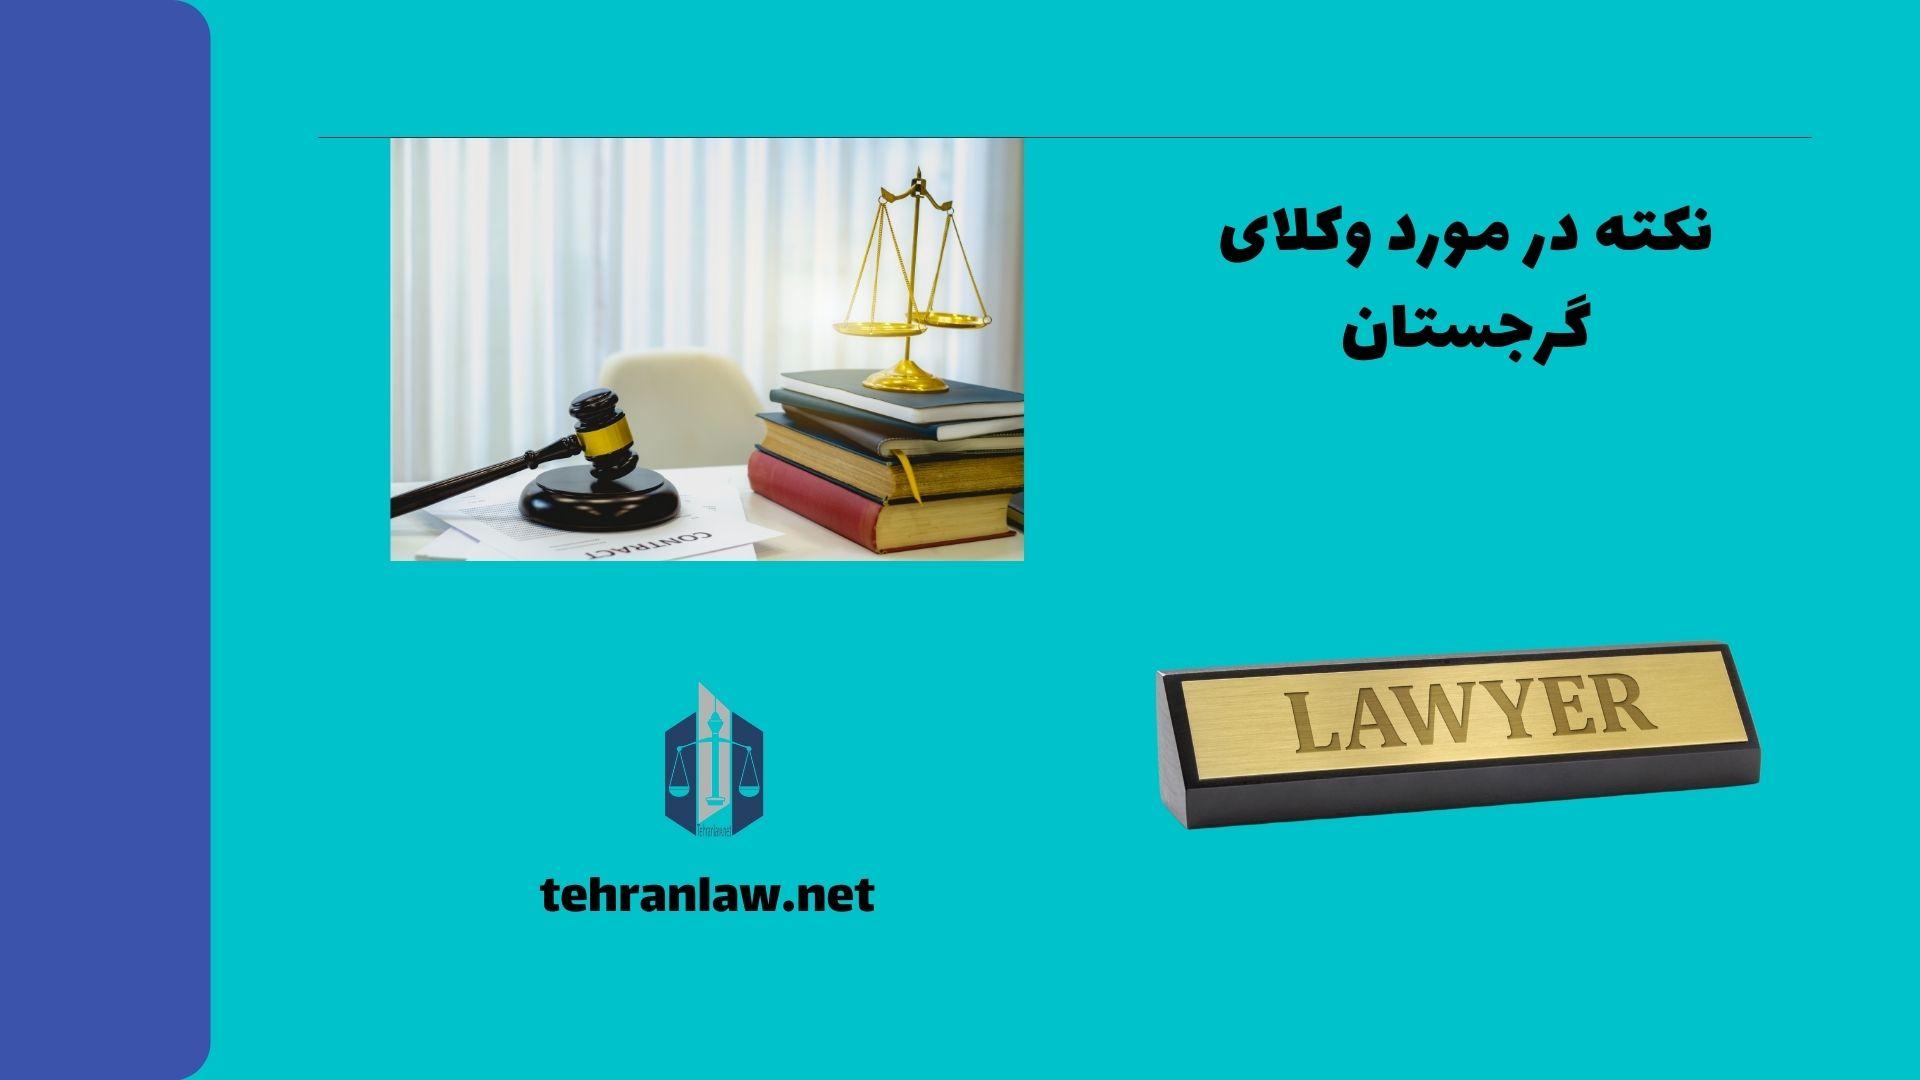 نکته در مورد وکلای گرجستان